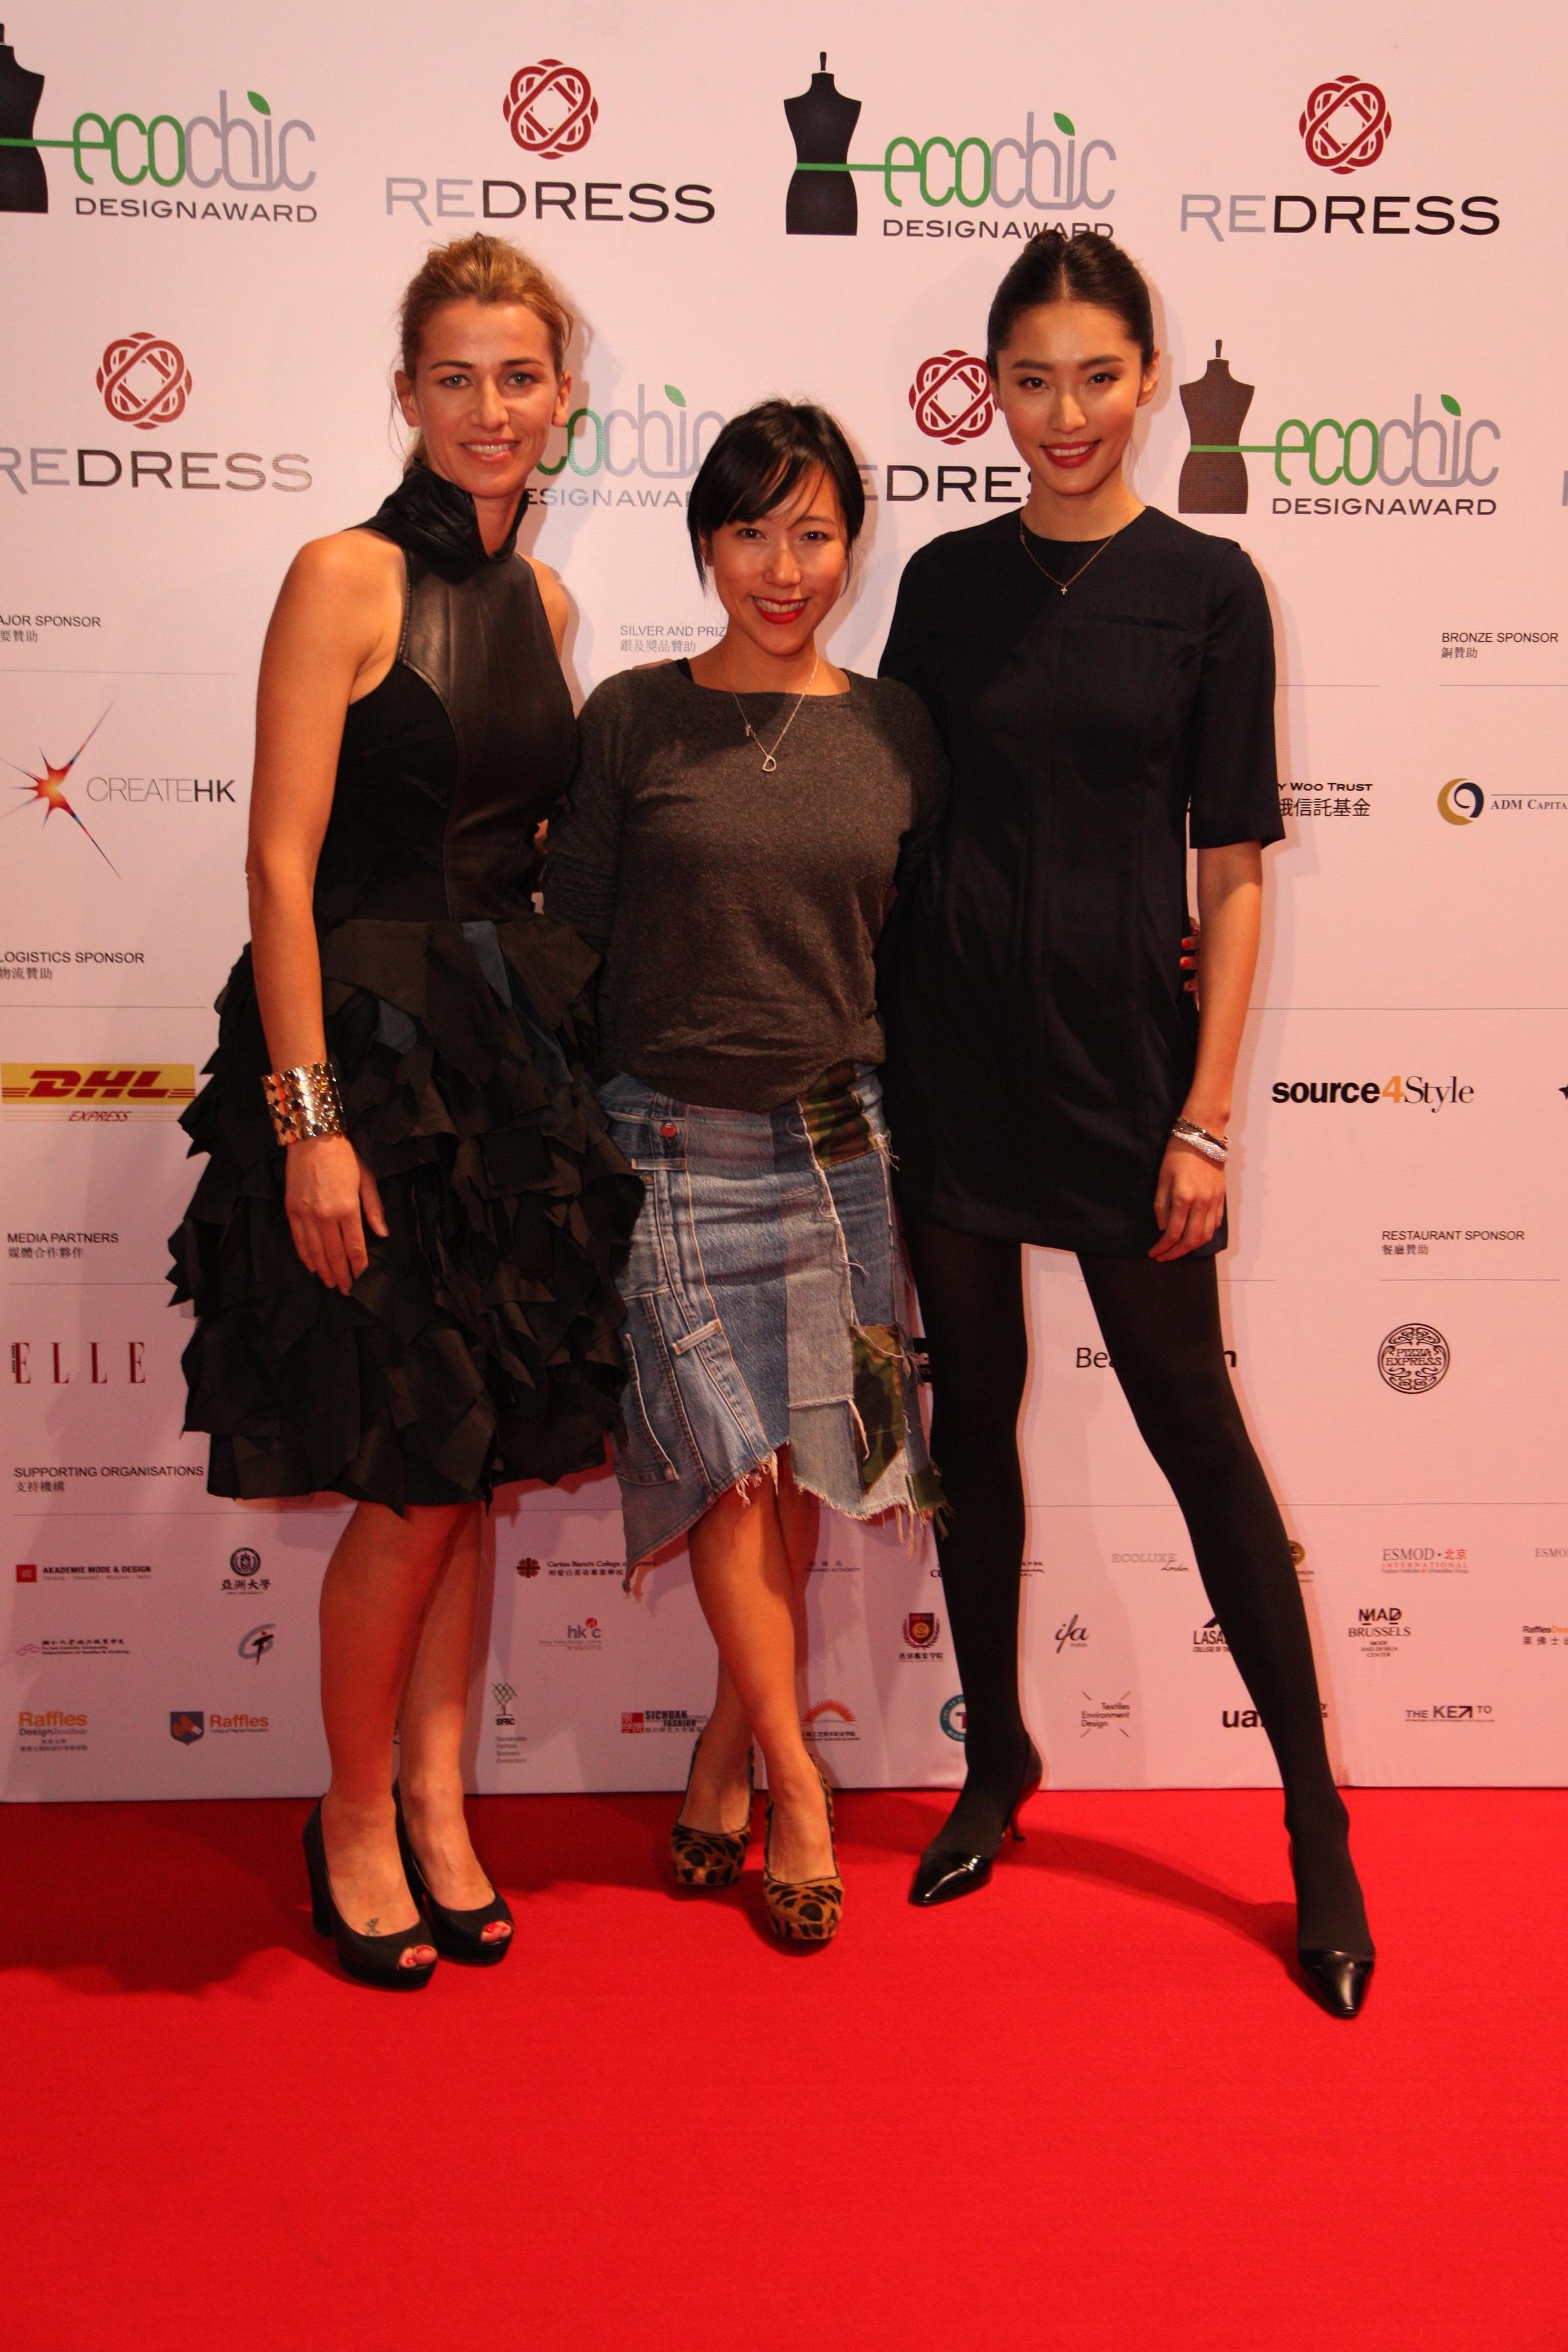 Redress Design Award stylist Denise Ho and ambassador Bonnie Chen attend the Redress Design Award 2013 Grand Final Show